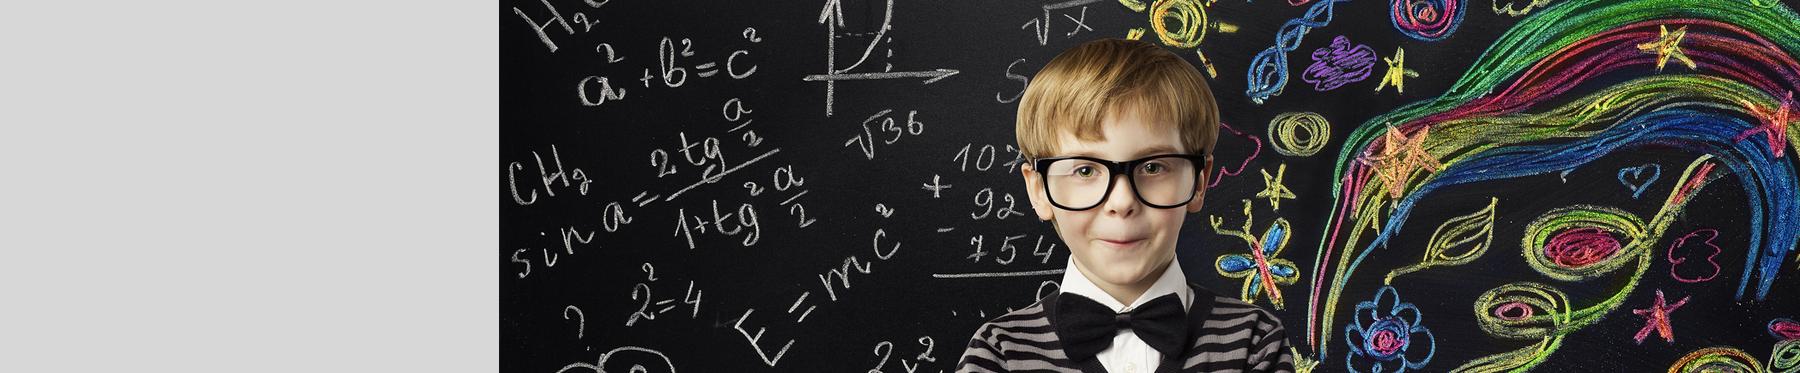 Boy with Math on Chalkboard